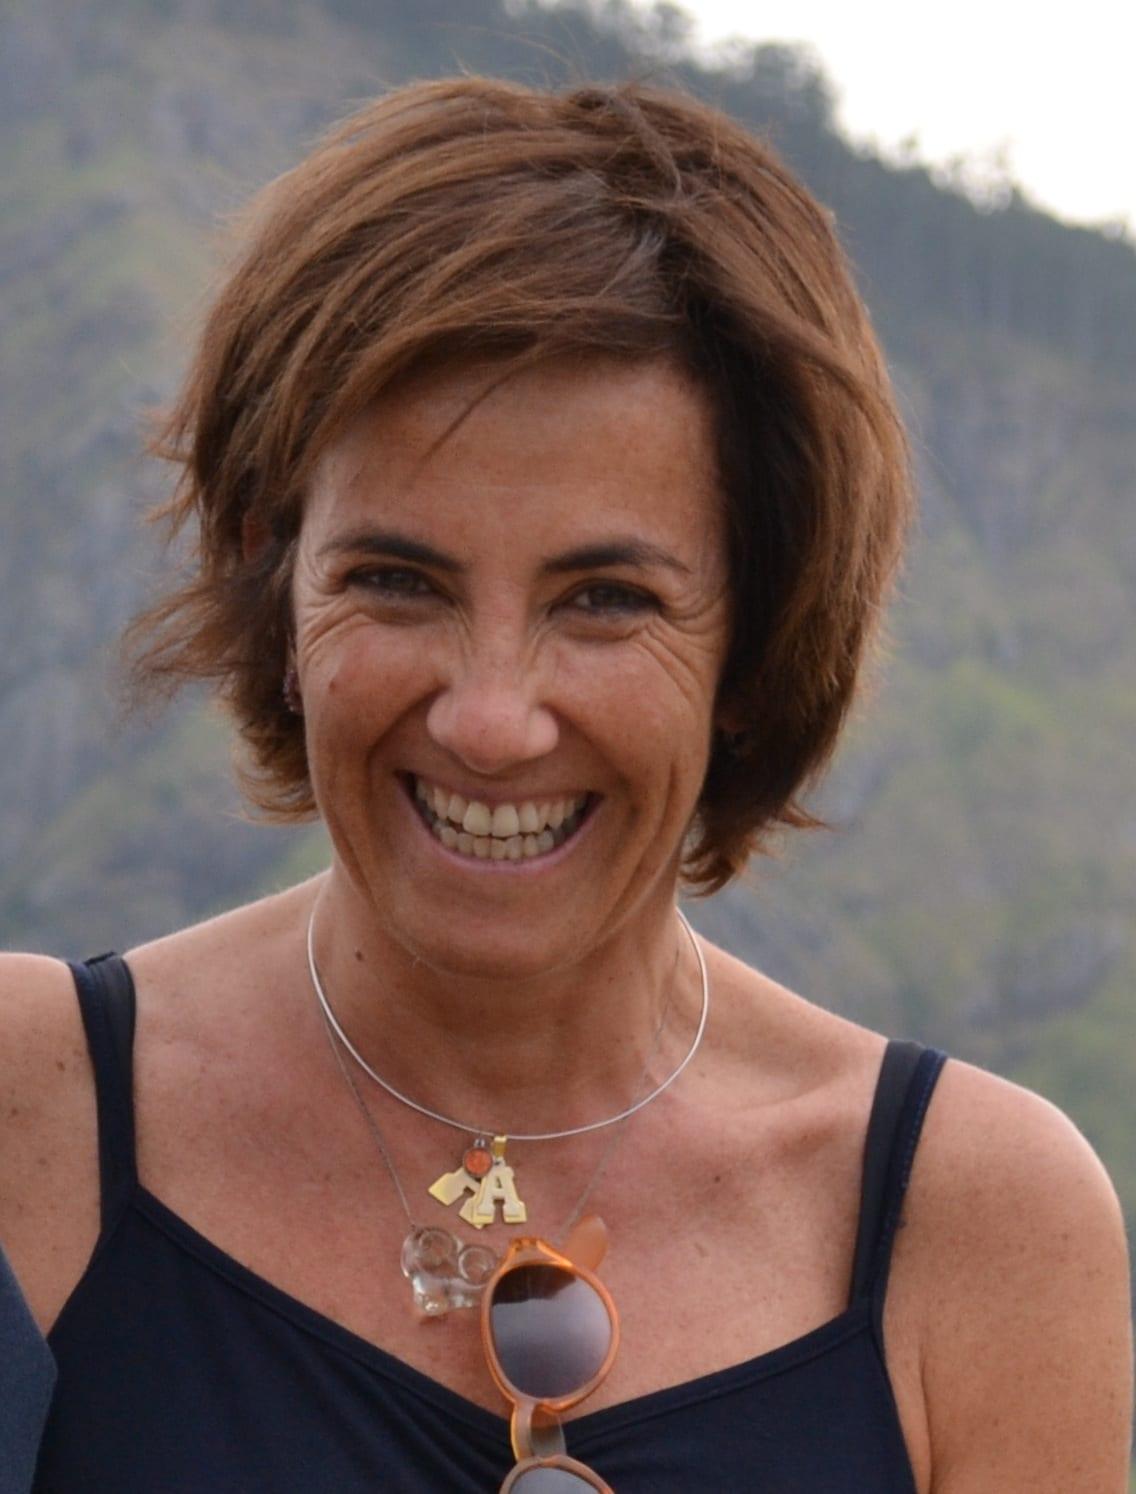 Monica from Bracciano